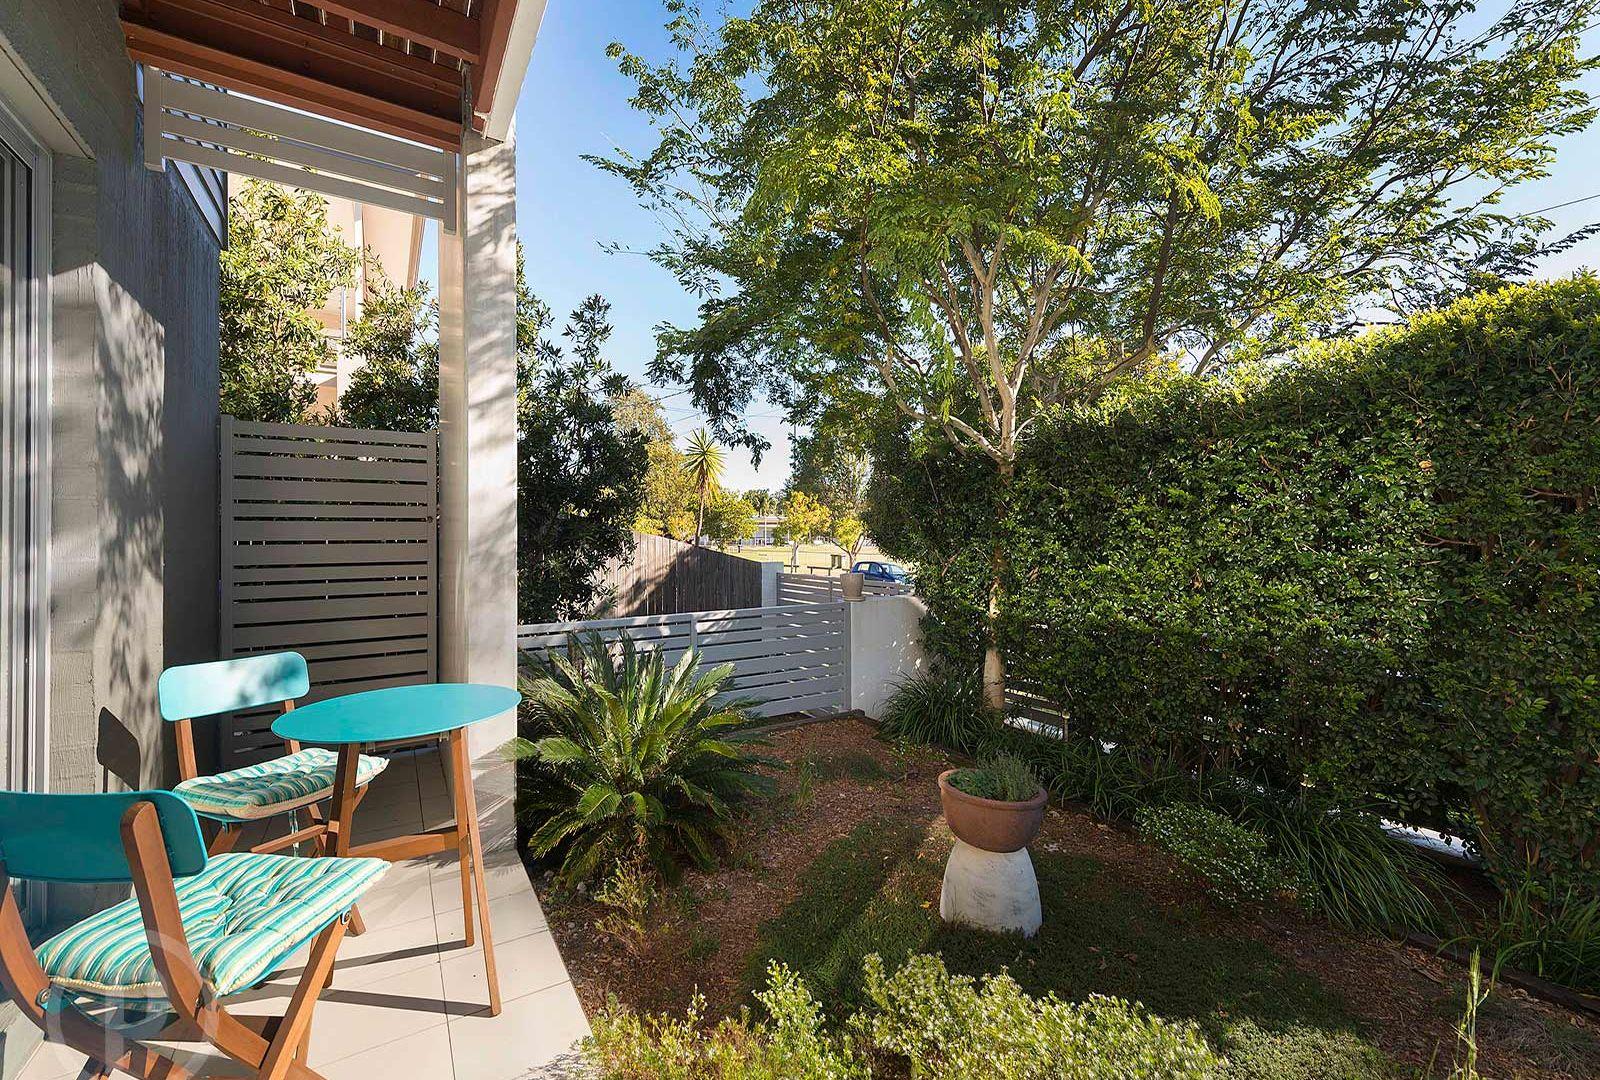 5/125 Bulimba Street, Bulimba QLD 4171, Image 1